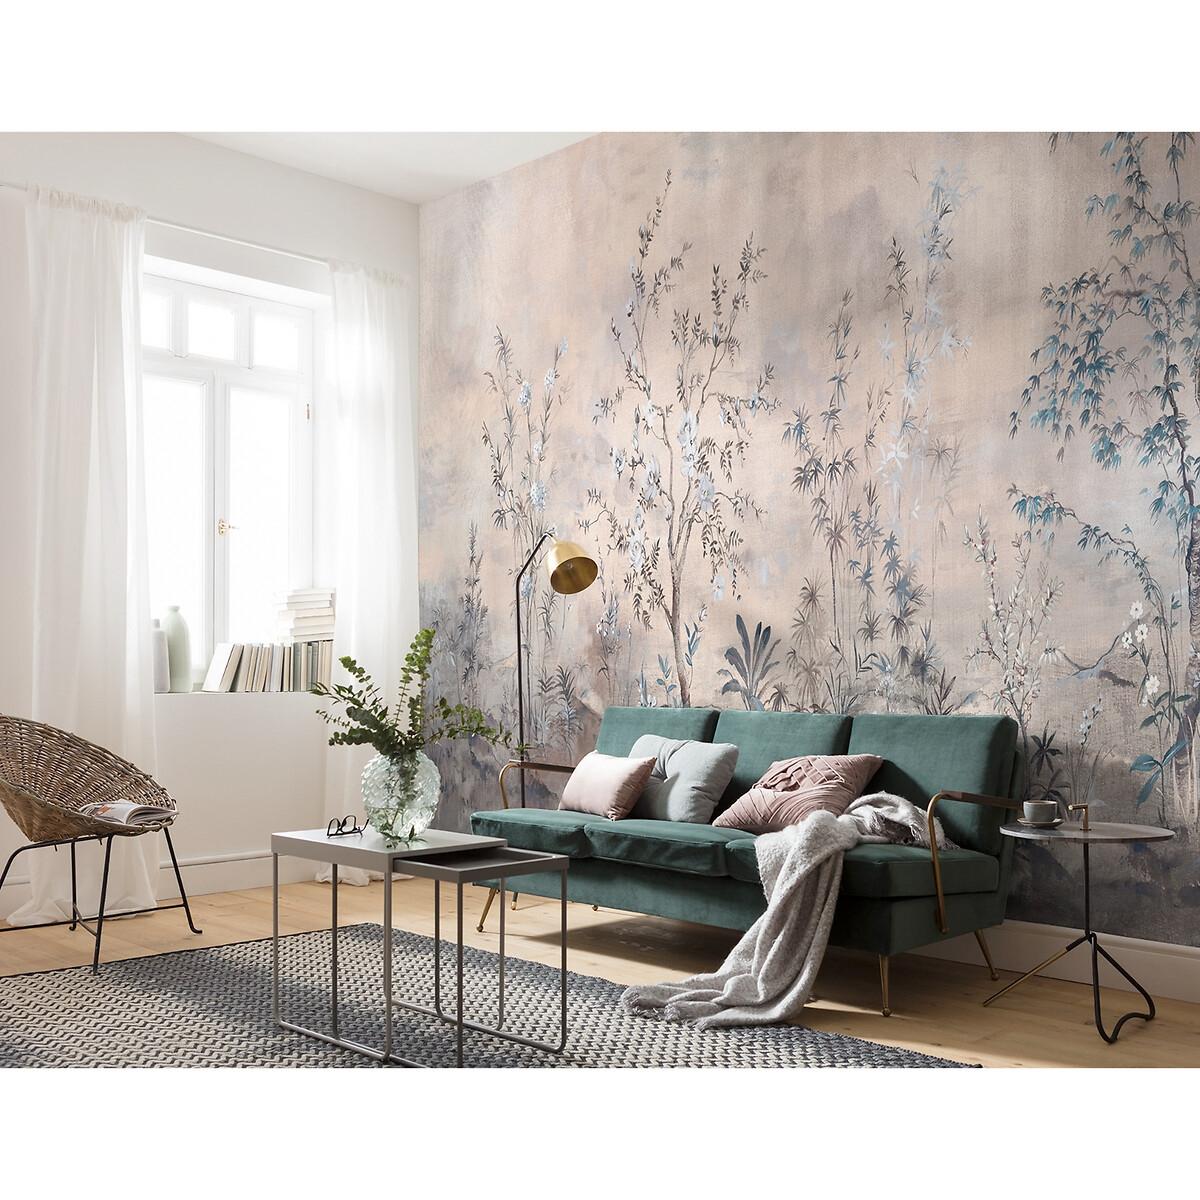 INTERELIFE - Interelife Papel de parede foto mural Mandarin Morning, da Interelife